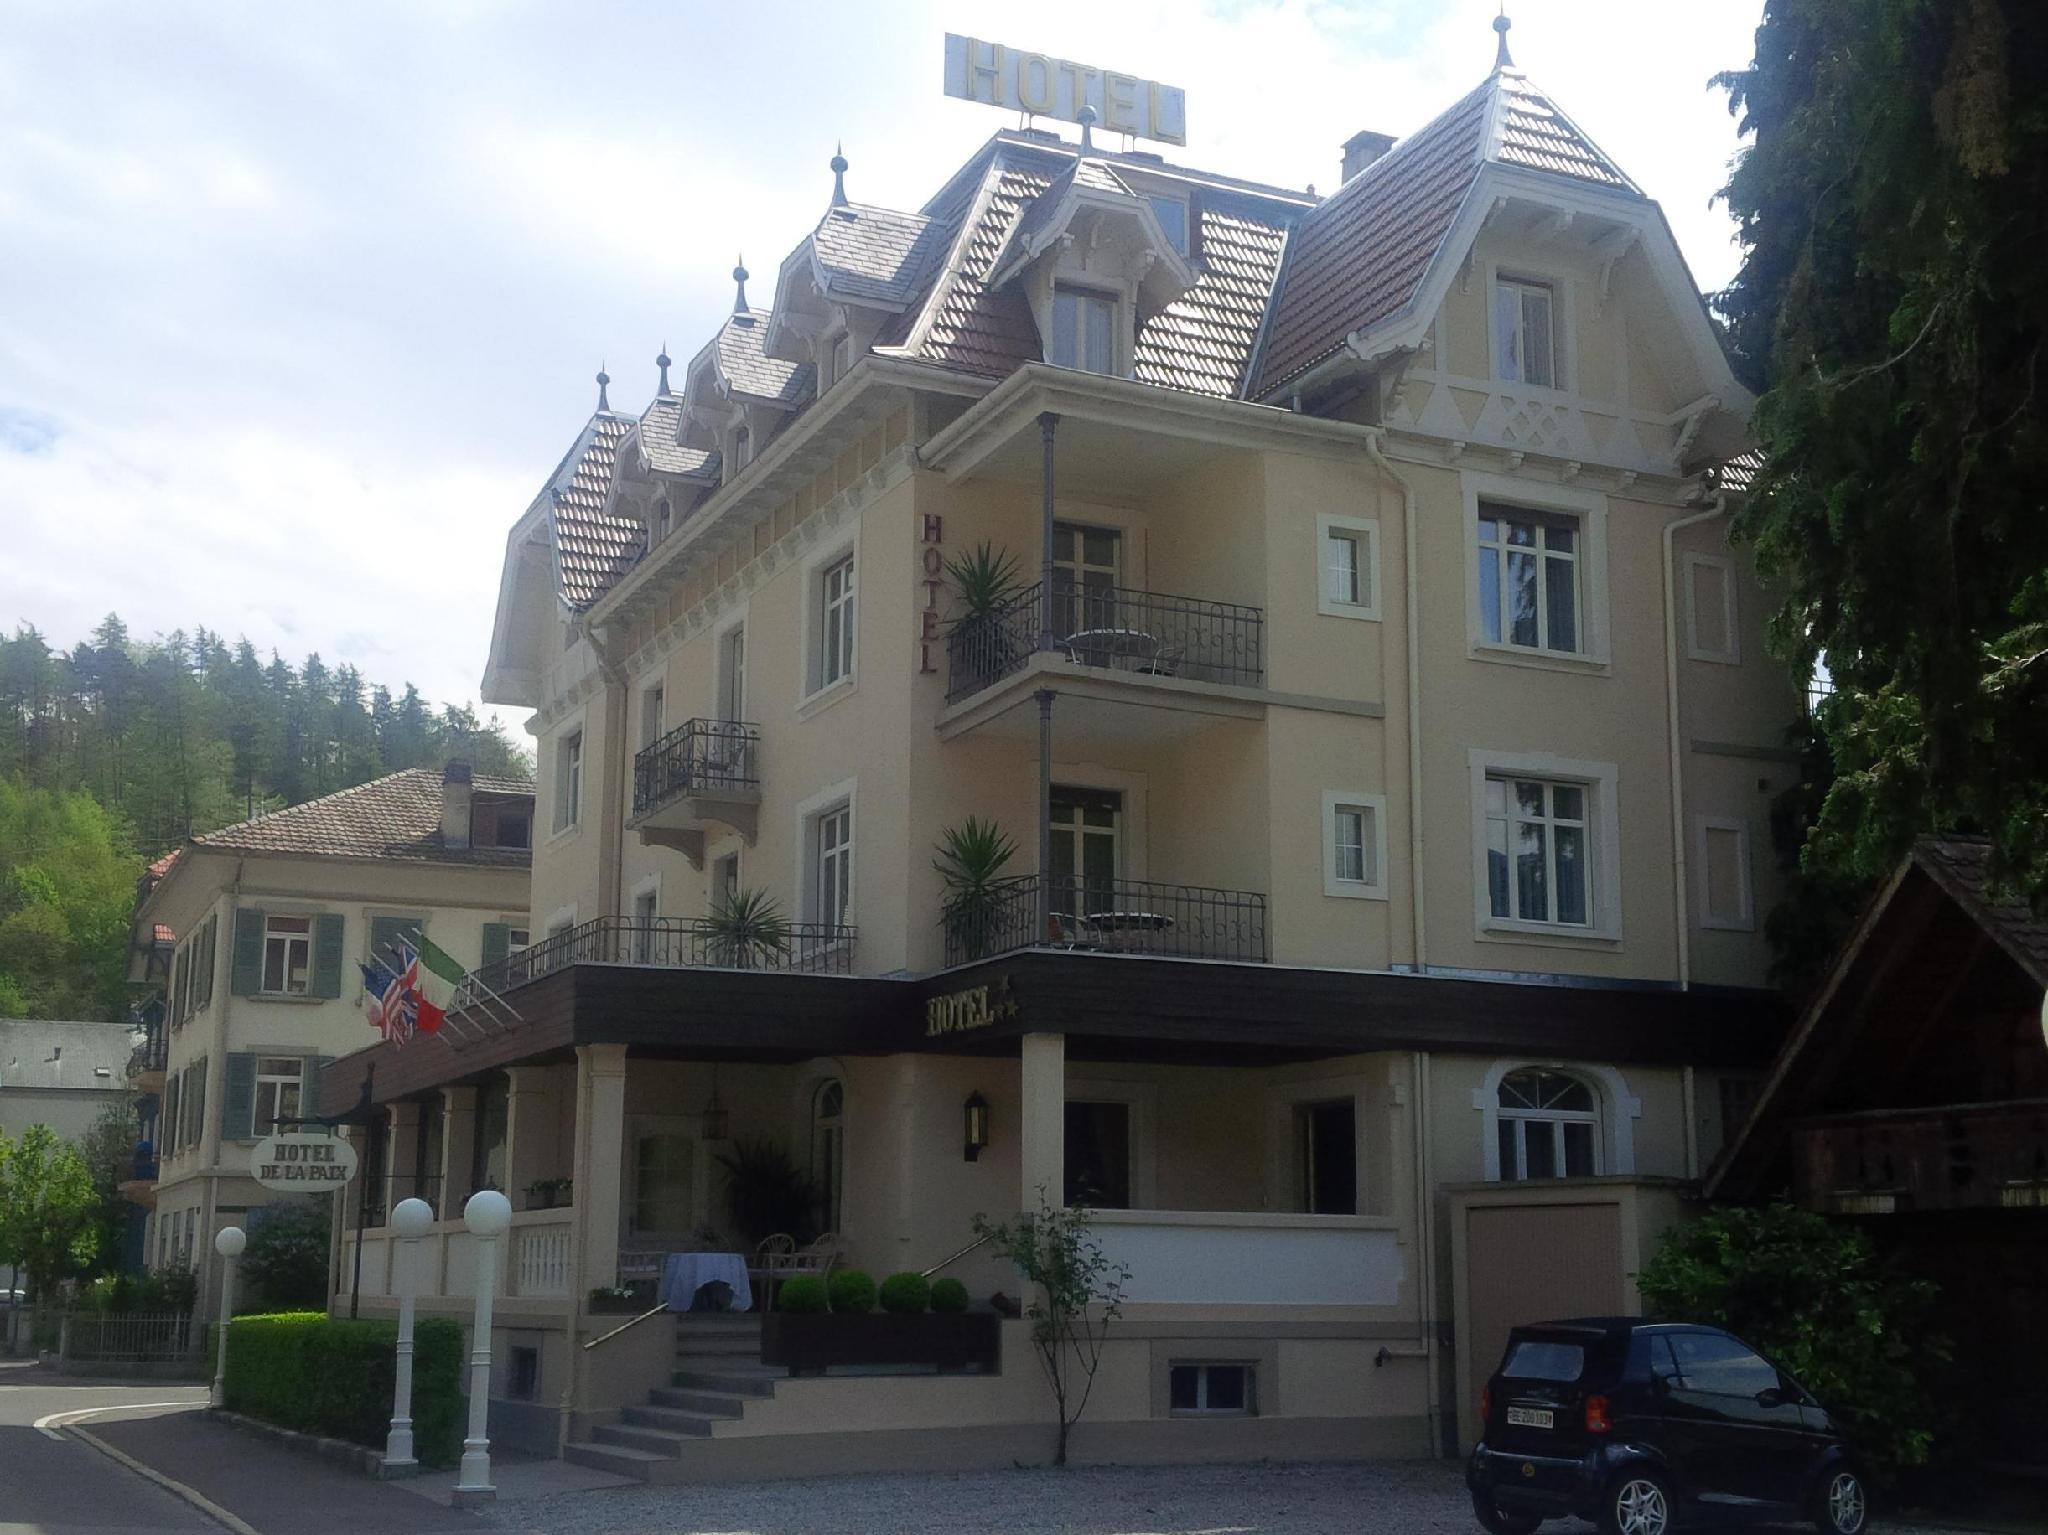 Hotel De la Paix Interlaken, Interlaken